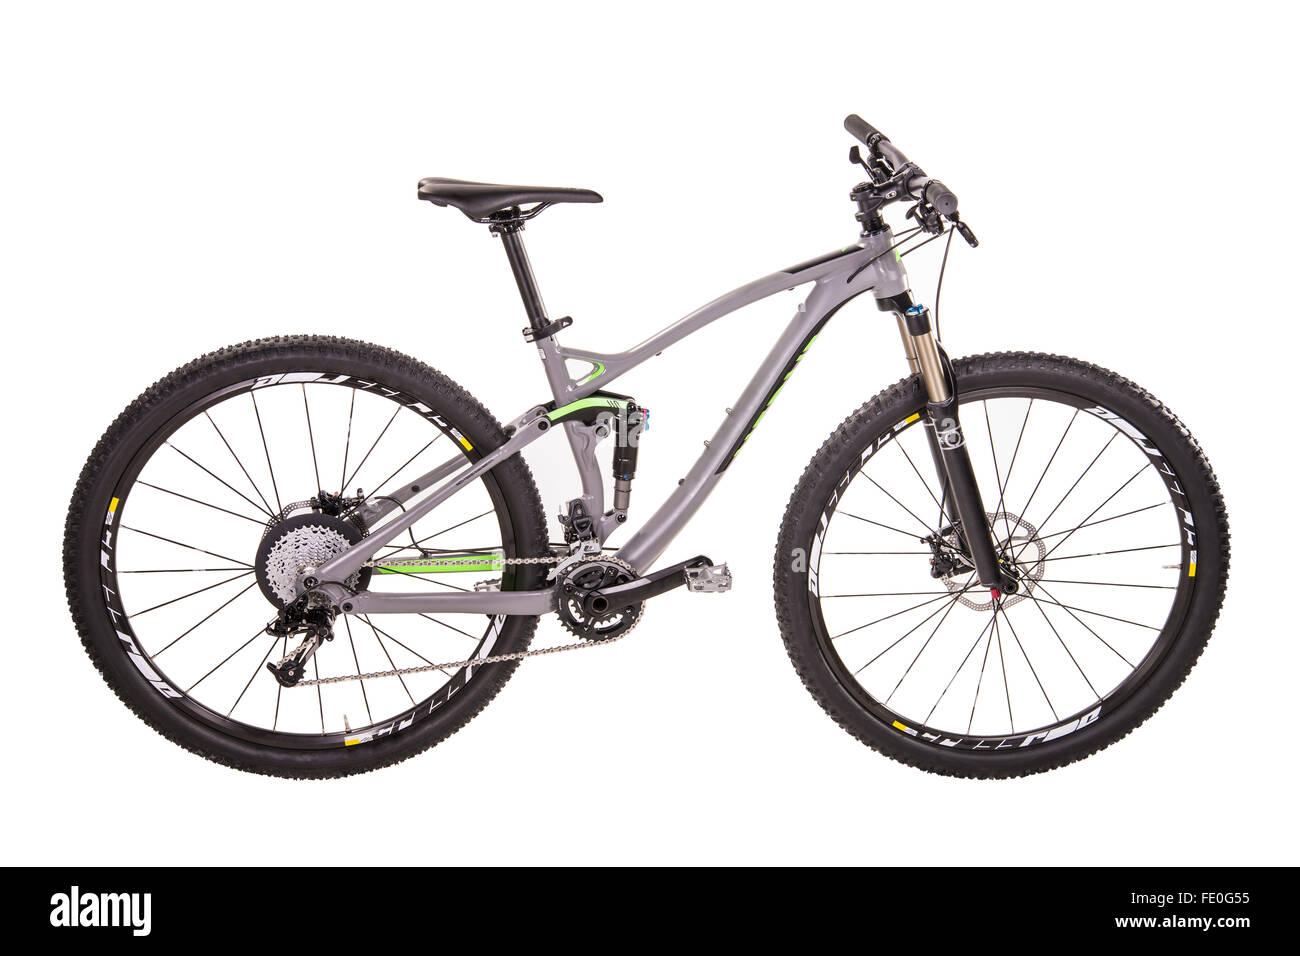 Bicicleta de montaña moderna Imagen De Stock